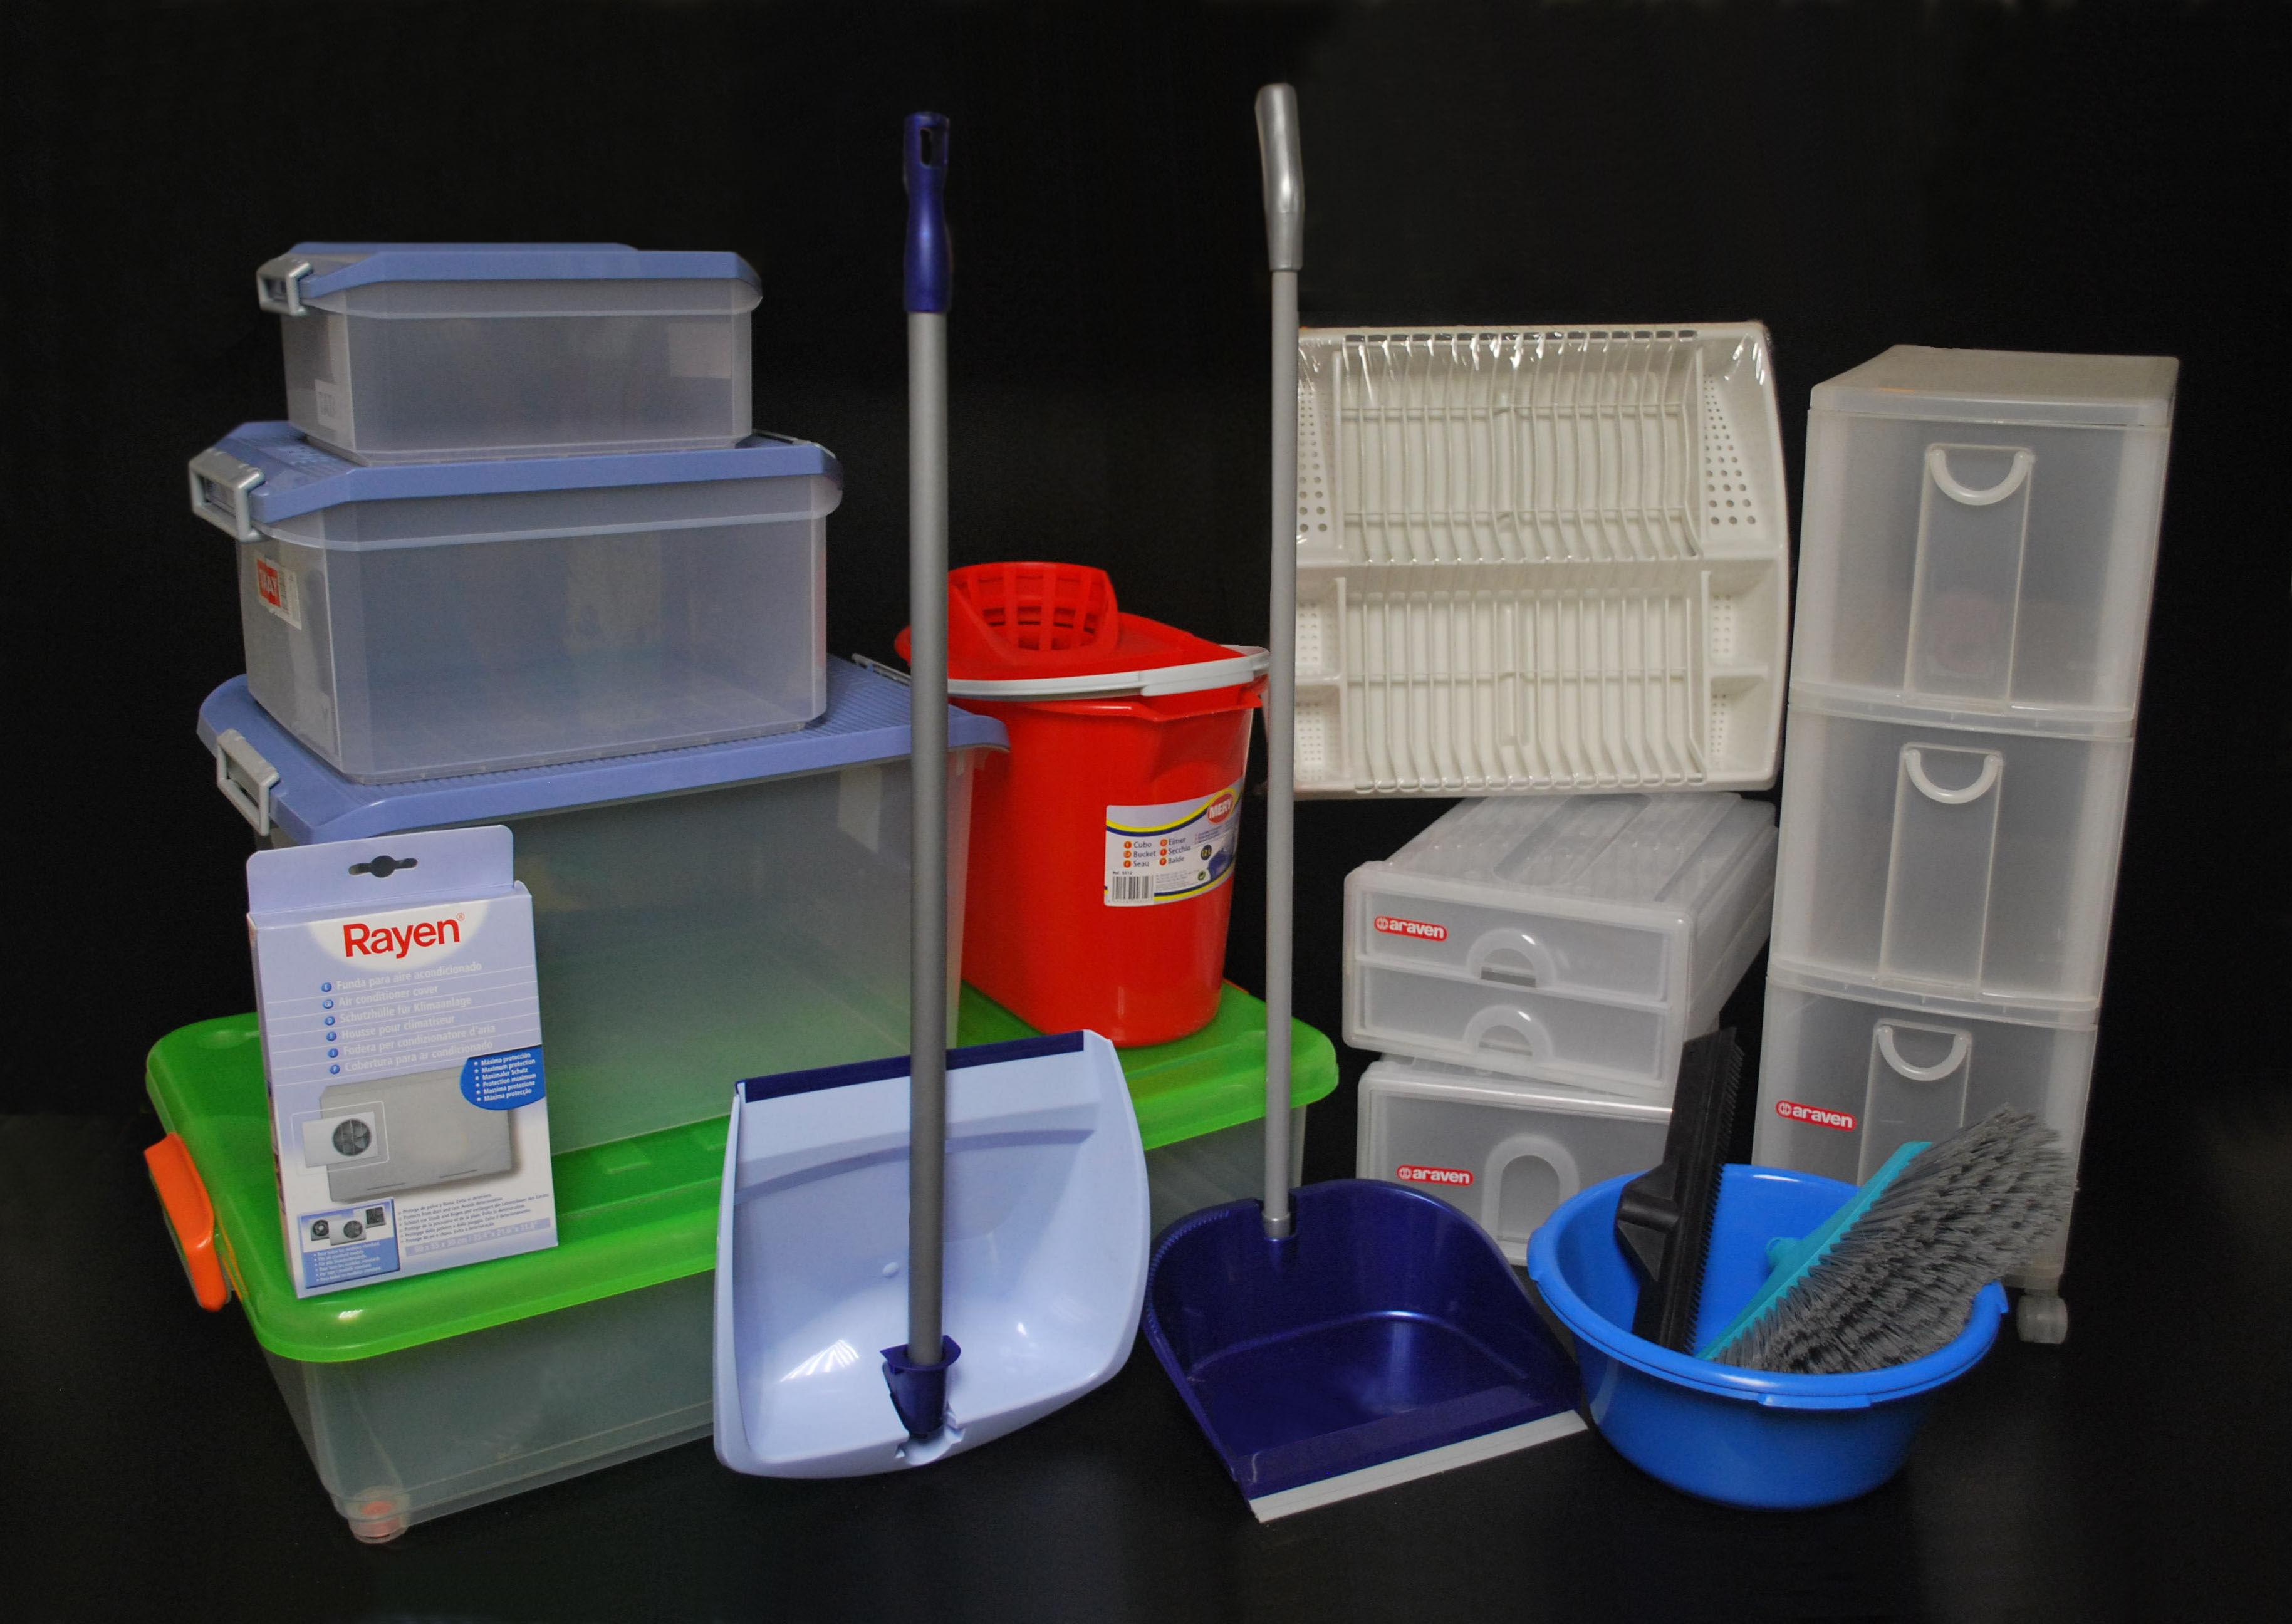 Cajas de almacenaje y utensilios de limpieza cat logo de - Cajas de almacenaje ...